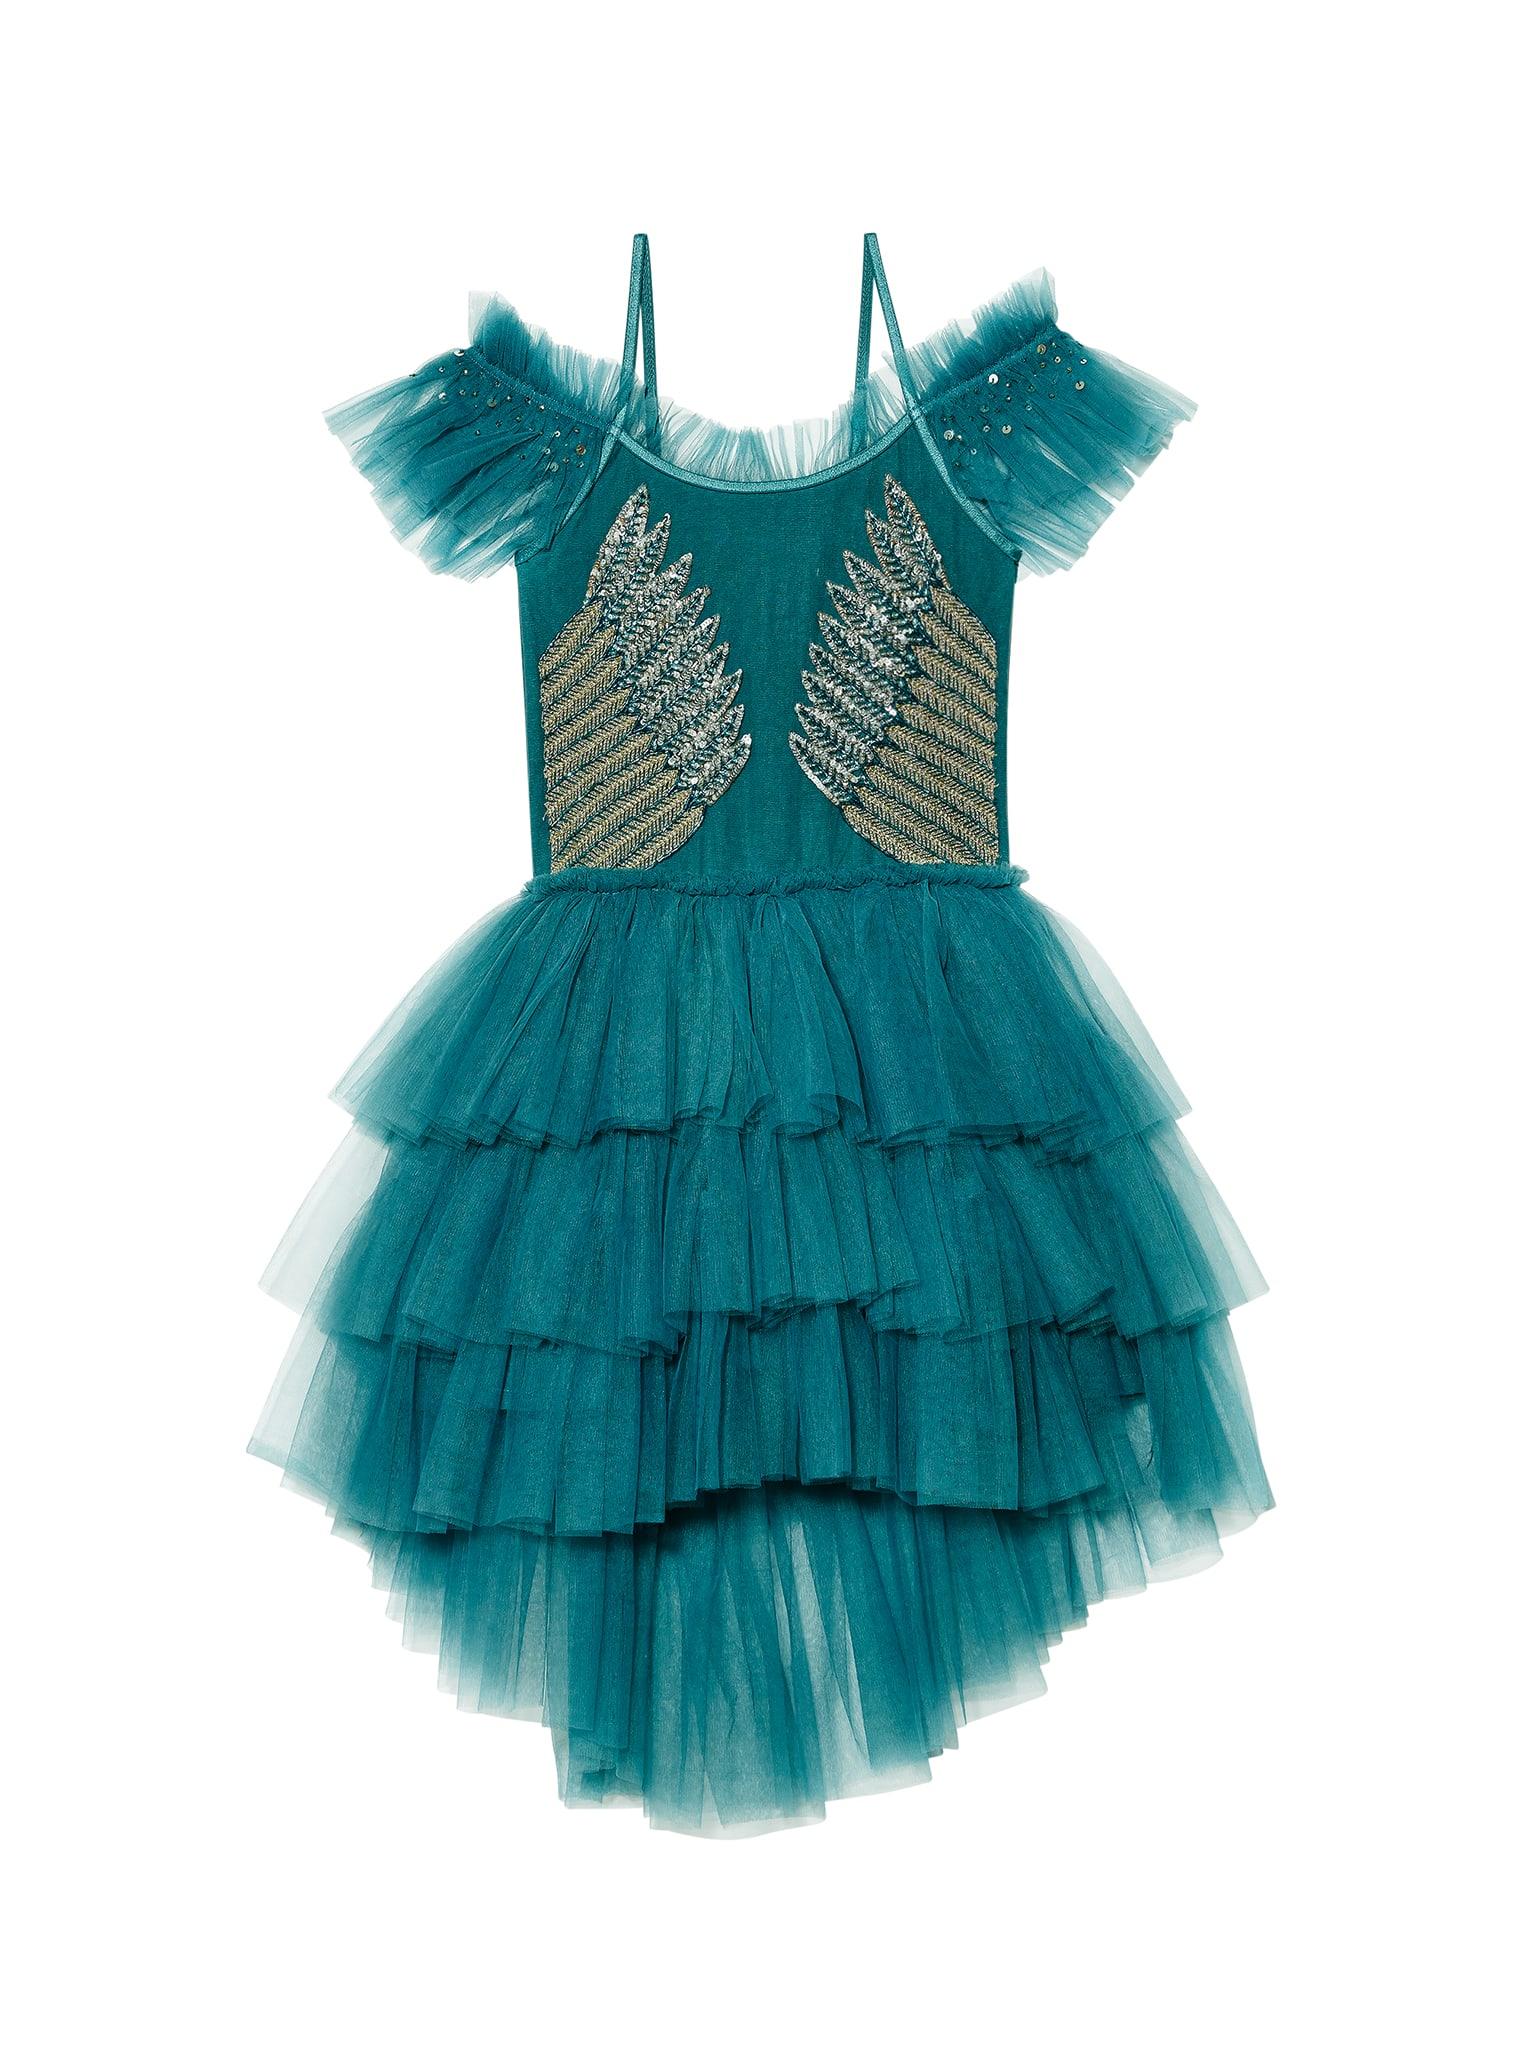 Tdm4093 angels symphony tutu dress 01 min